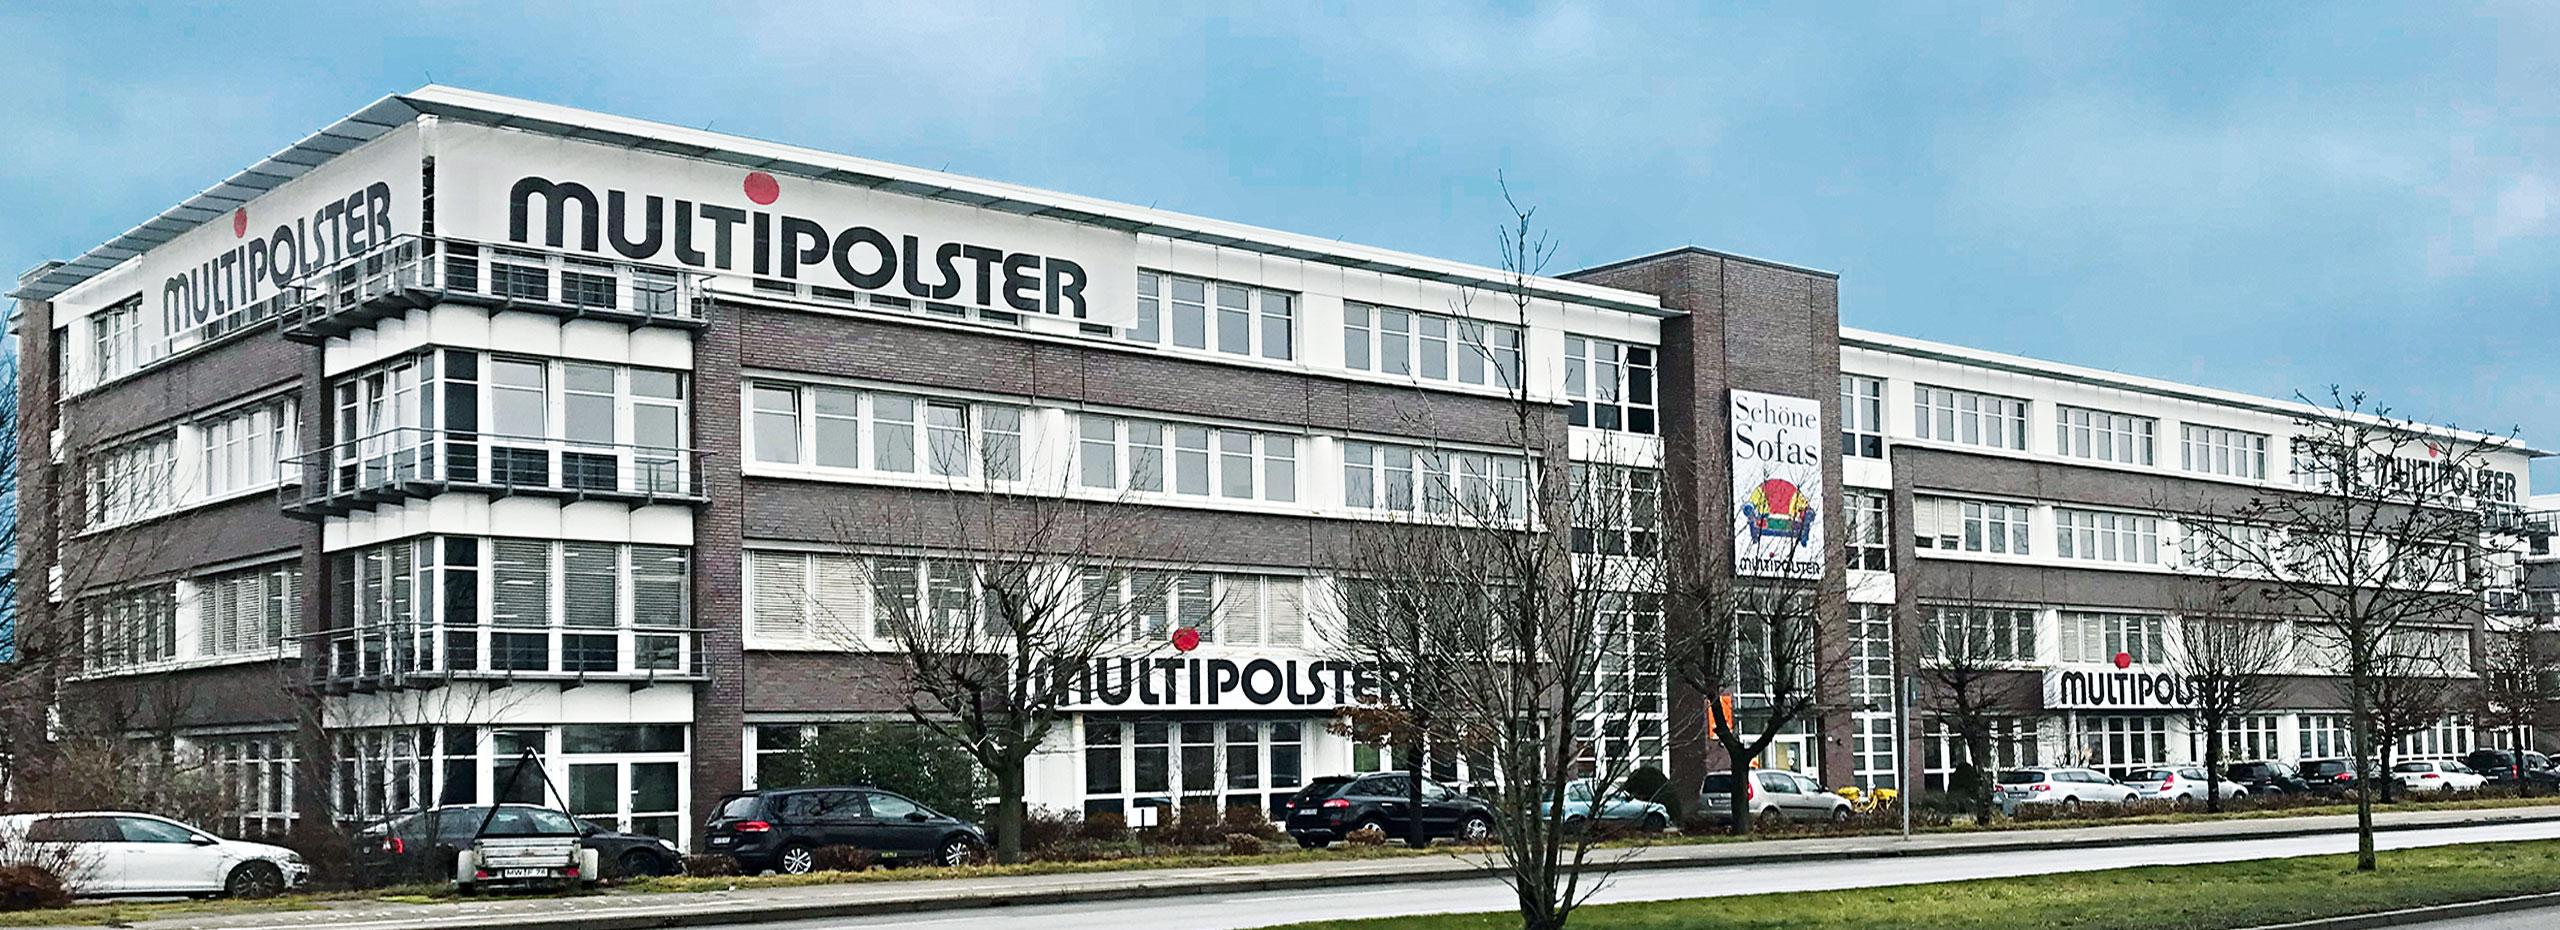 Multipolster - Berlin Mahlsdorf